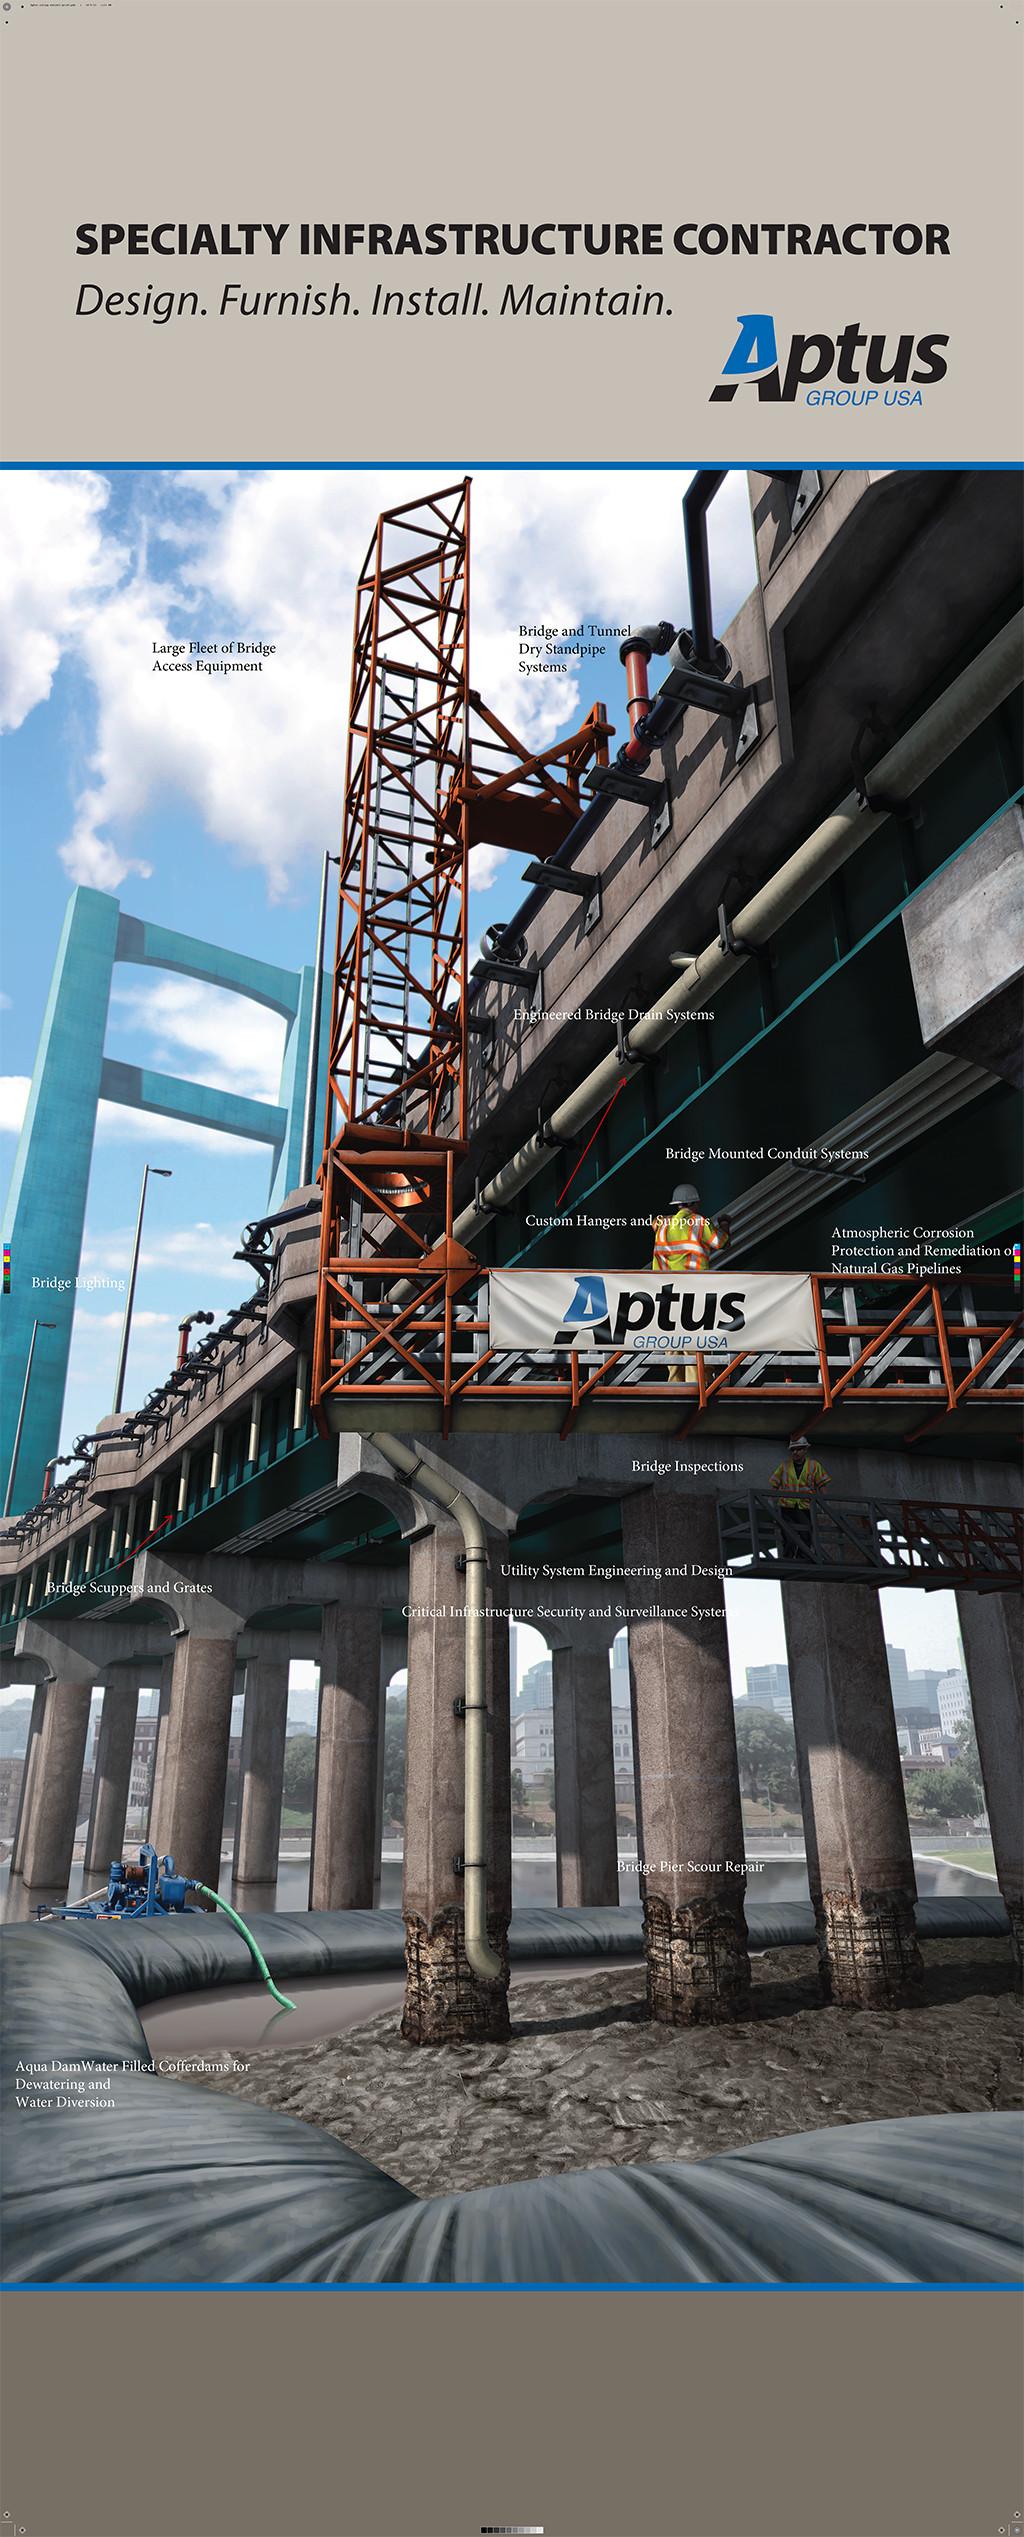 Ninetimes Aptus Cofferdam Bridge Construction Exhibit Graphic Bridge Utilities Illustration